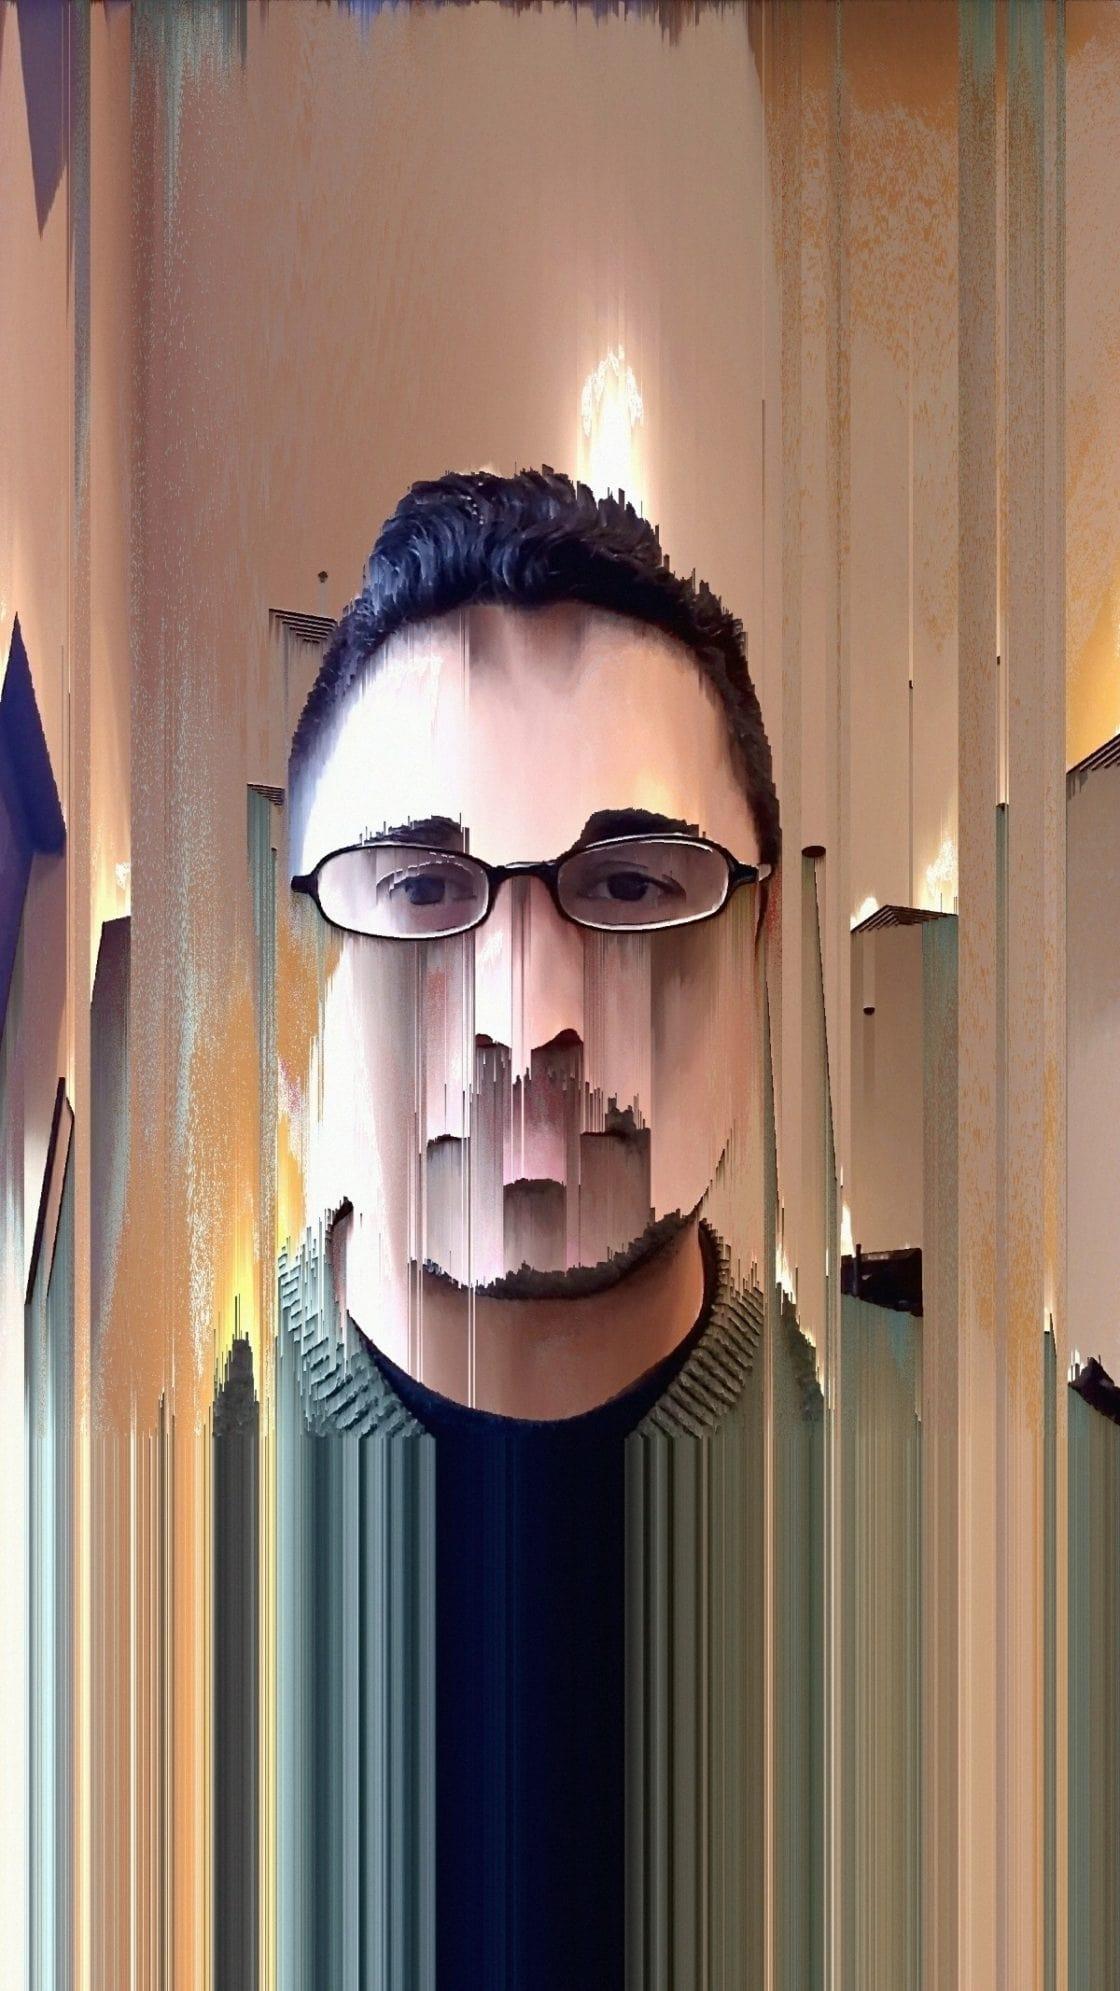 victor-ruano-portrait-santasombra-glitch-005